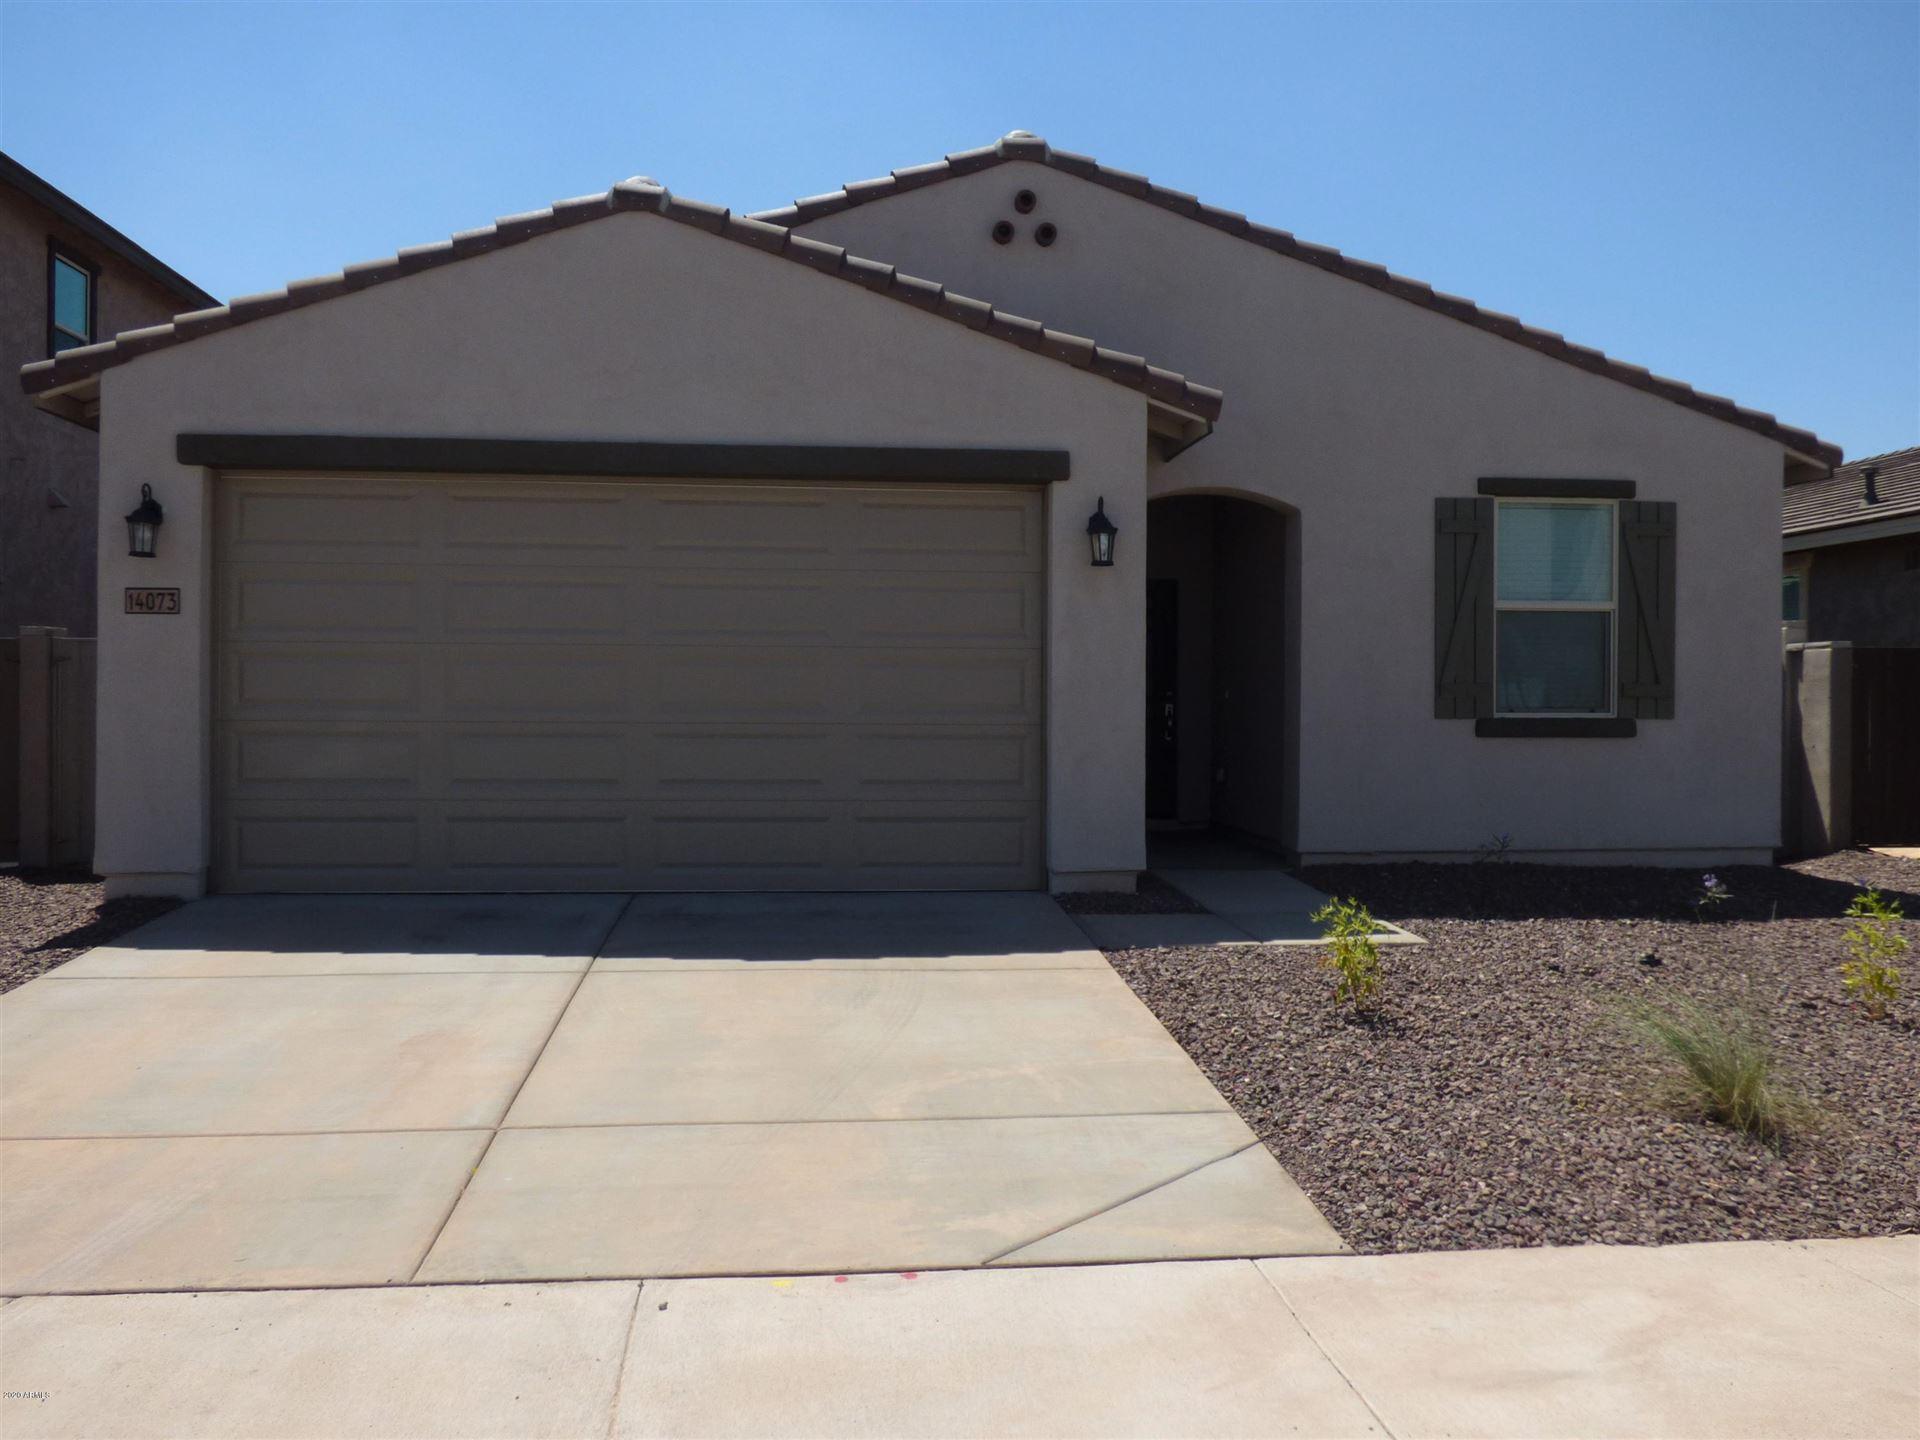 Photo of 14073 W SURREY Drive, Surprise, AZ 85379 (MLS # 6293720)